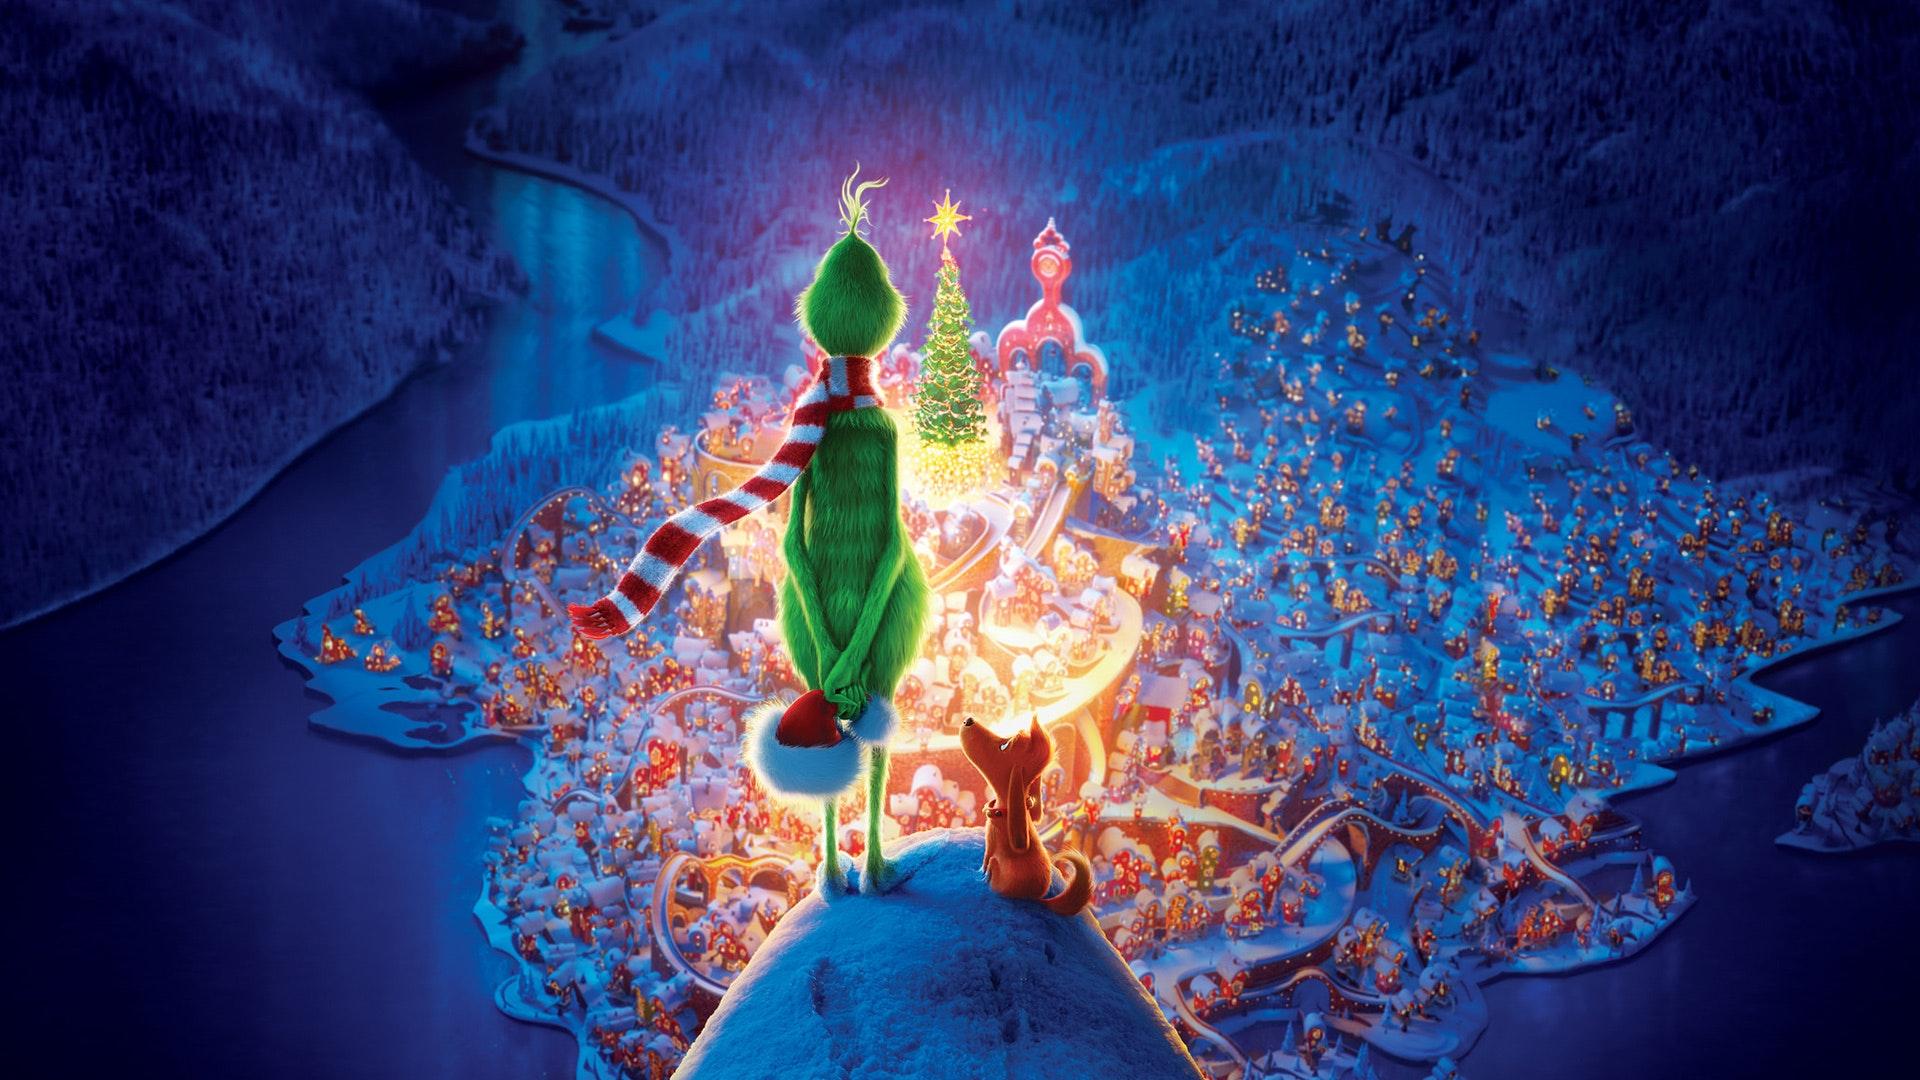 Dr. Seuss' The Grinch Soundtrack